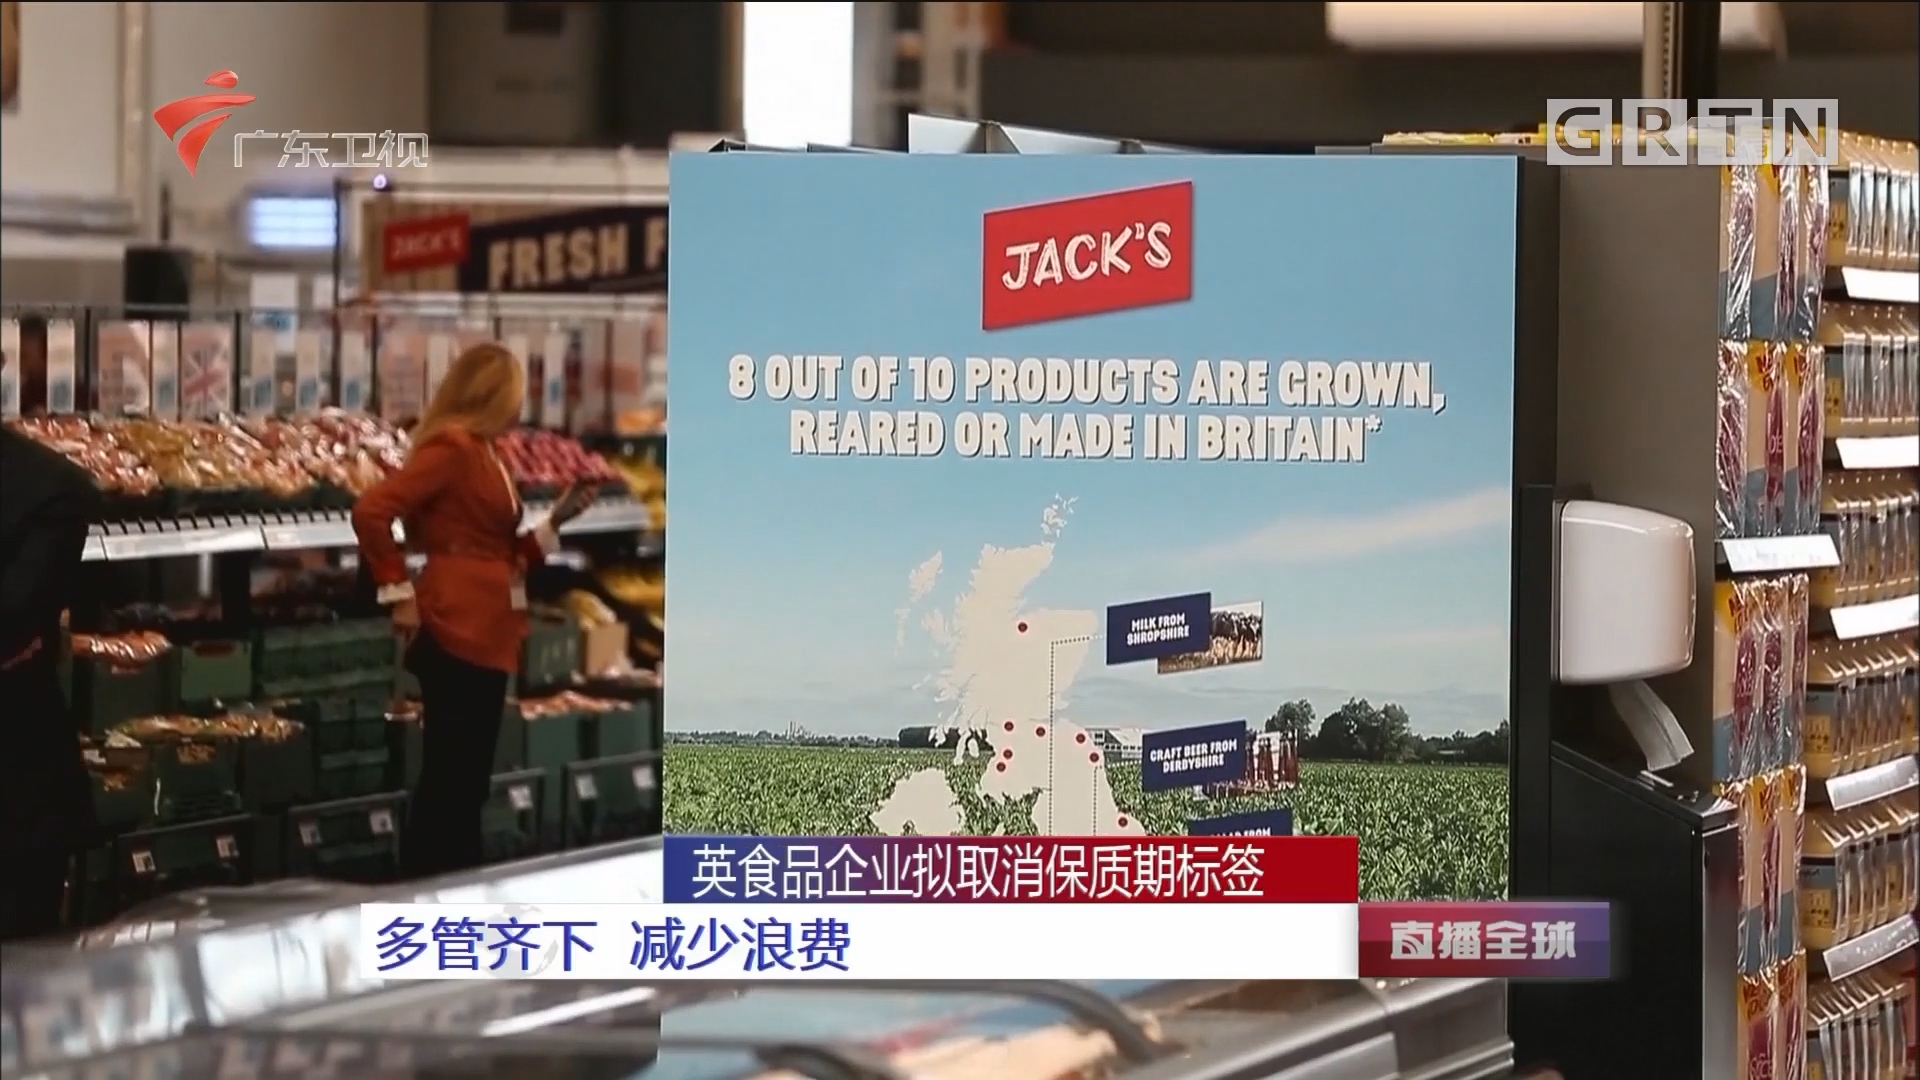 英食品企业拟取消保质期标签:多管齐下 减少浪费